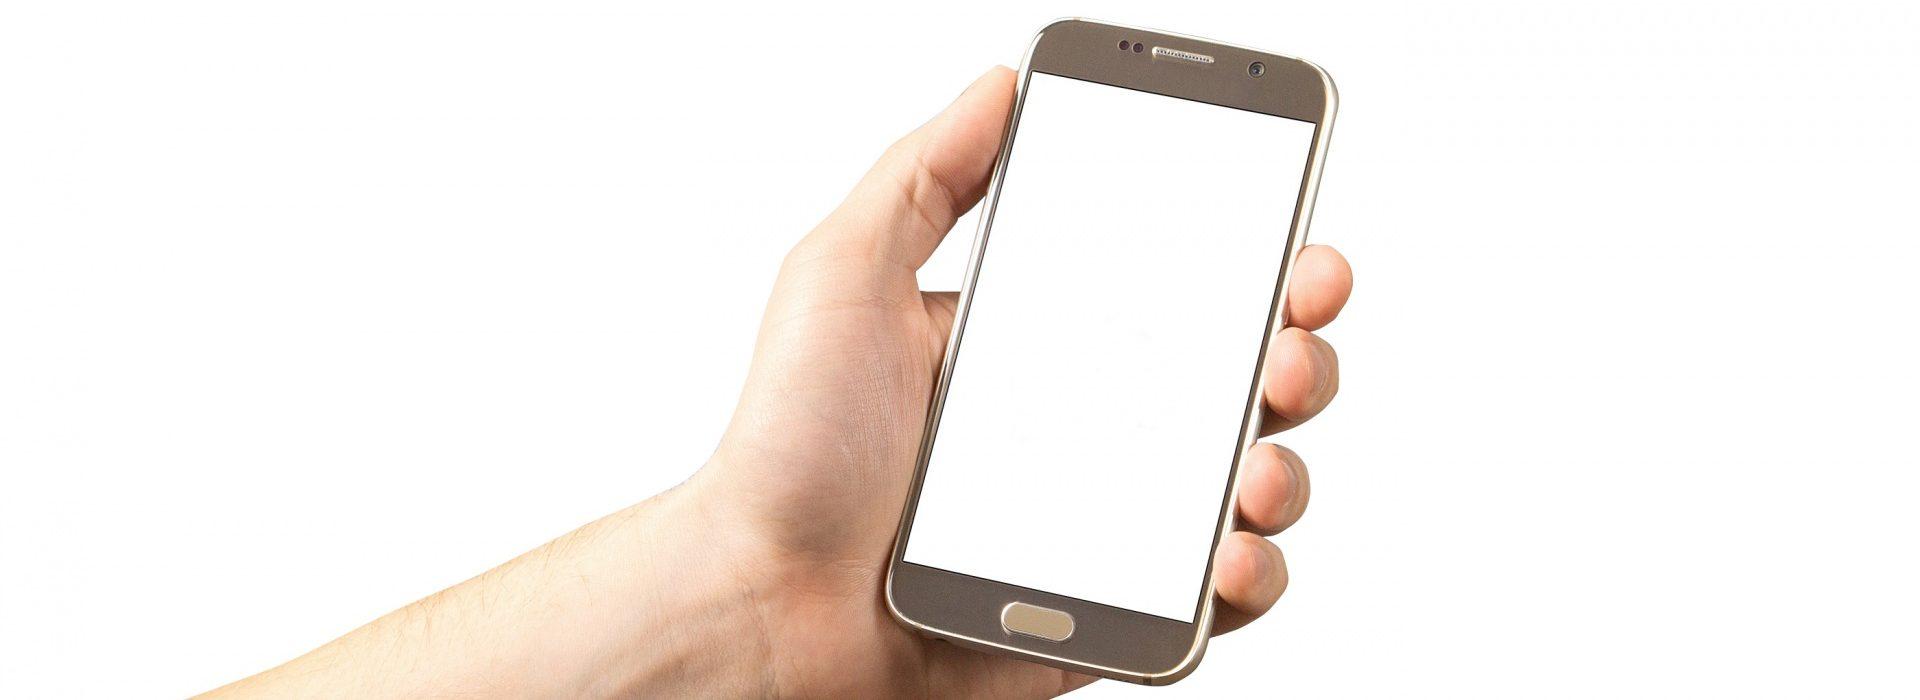 Hoe kiest u een nieuwe telefooncentrale voor uw bedrijf? Een aantal goede tips op een rij?